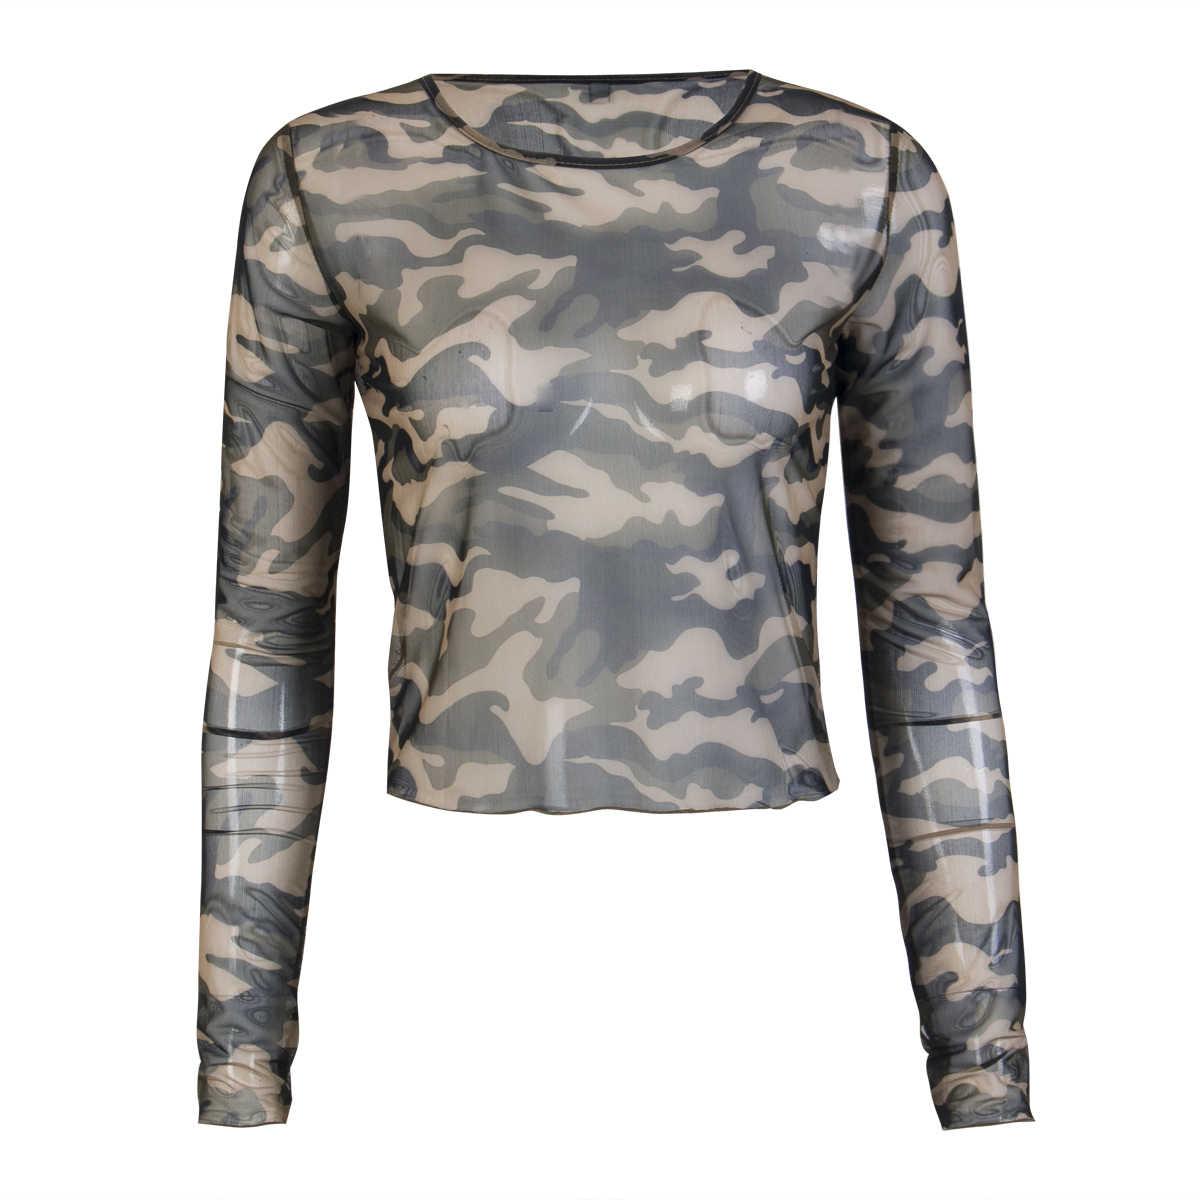 2019 moda odzież damska na co dzień z długim rękawem T-shirt lato Crop topy wojskowy styl ubrania kobiet kamuflaż koszulki